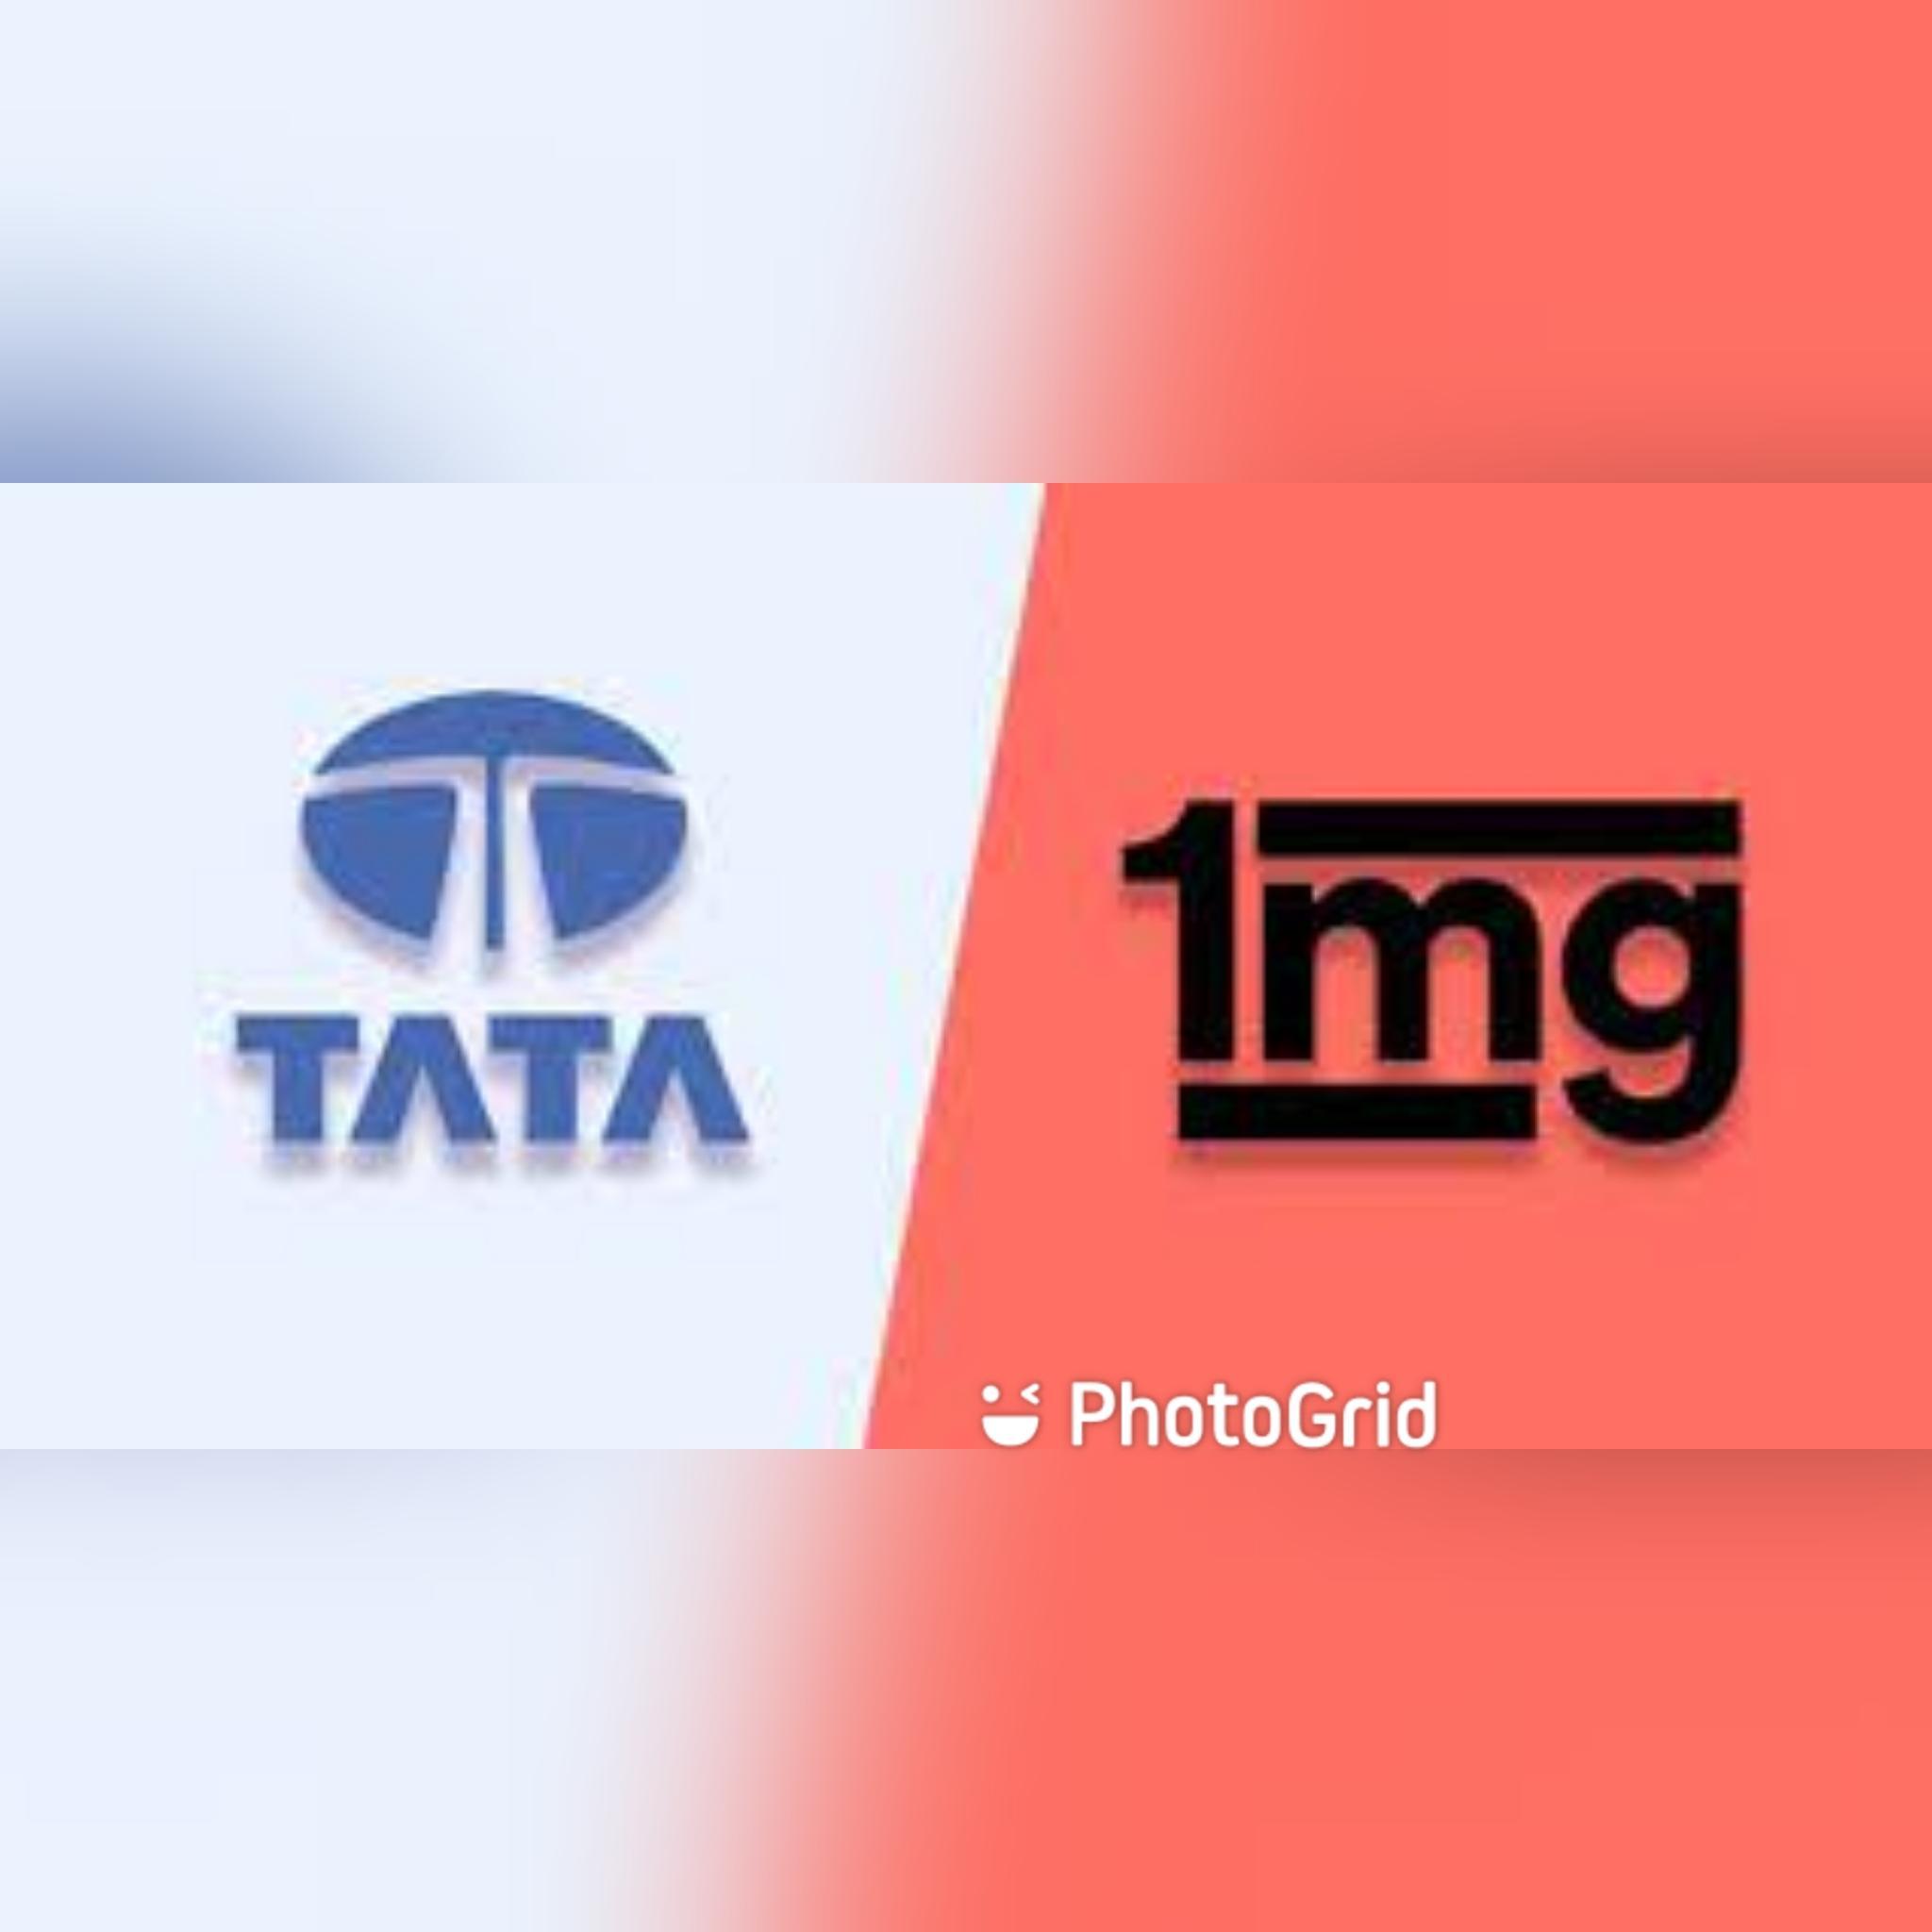 https://www.indiantelevision.com/sites/default/files/styles/smartcrop_800x800/public/images/tv-images/2021/06/11/photogrid_plus_1623402922321.jpg?itok=X8dQgSQH